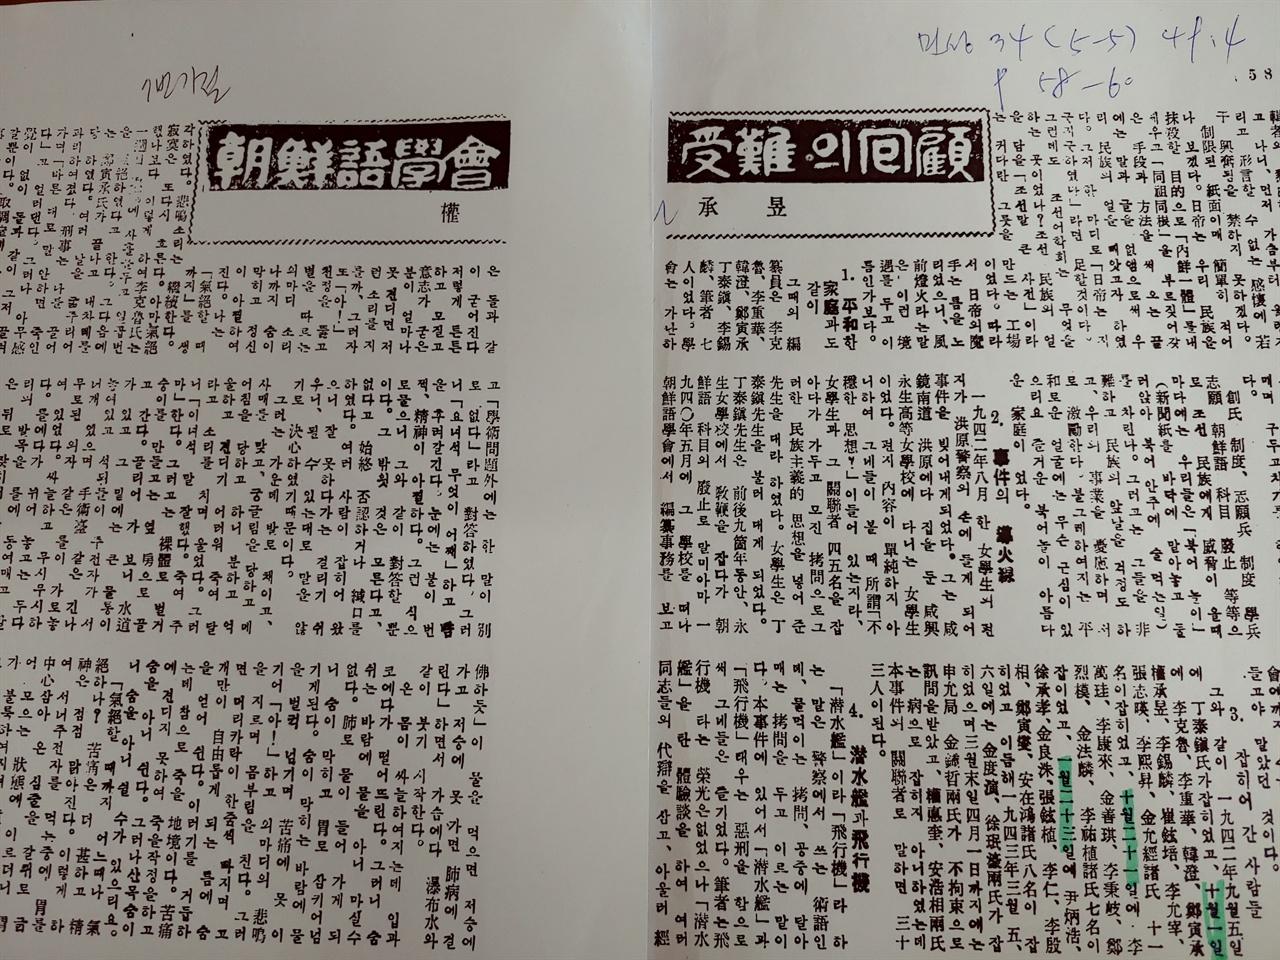 권승욱, 조선어학회 수난의 회고, <민성>, 1949, 4.  2.  고문 받은 실태를 기록한 글.